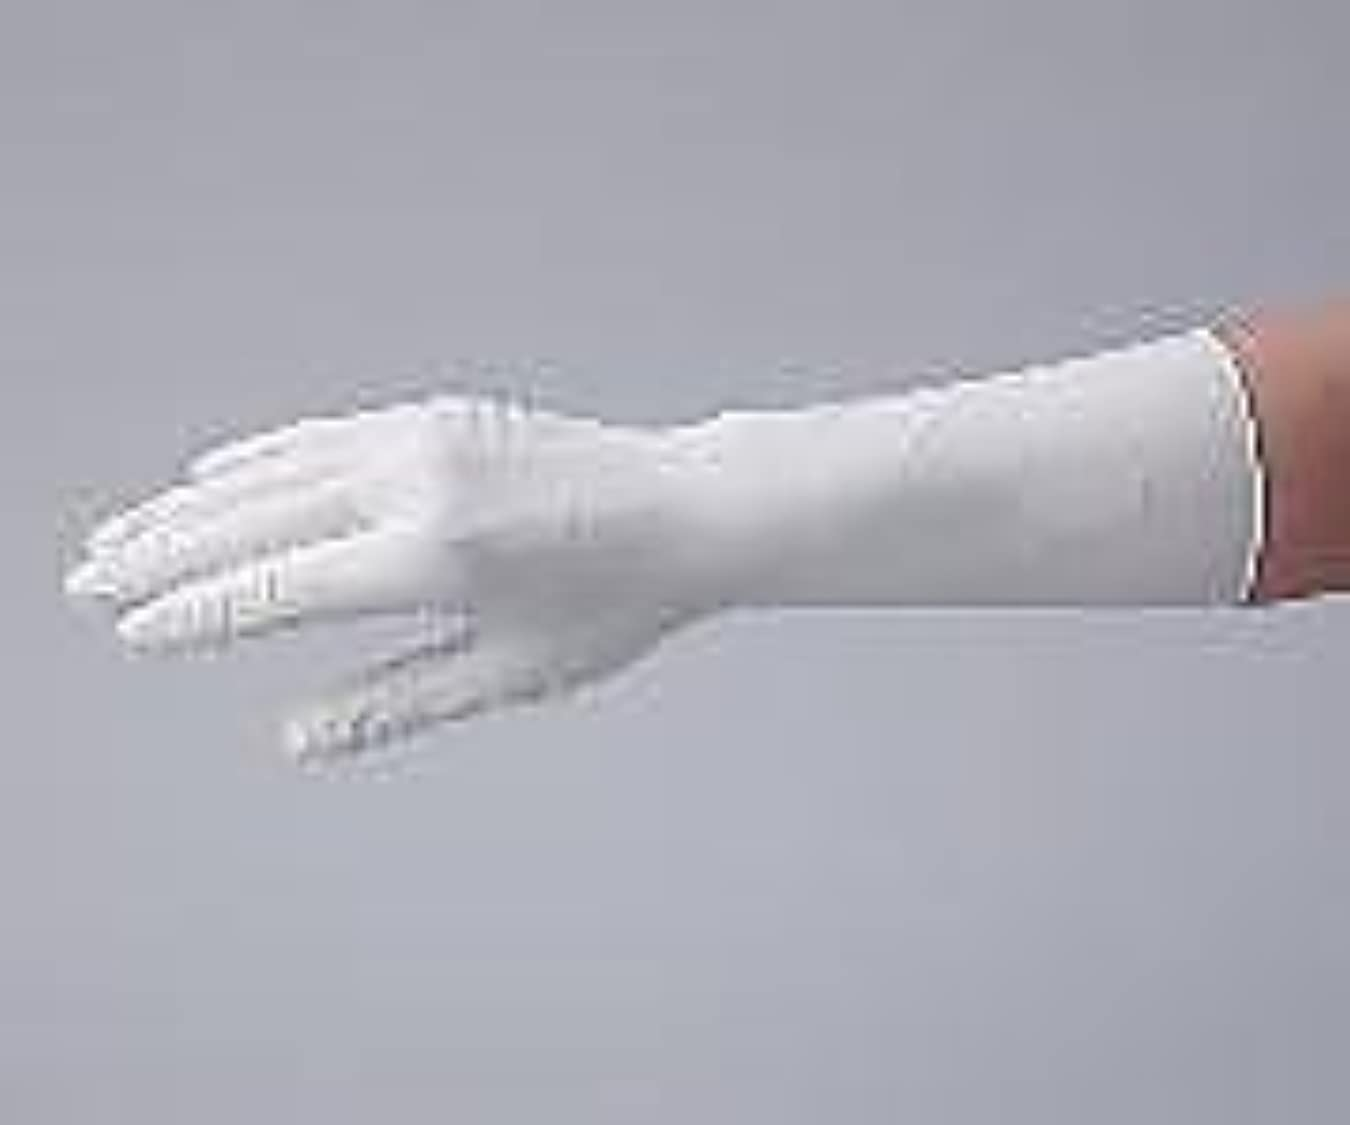 混乱させる名前一貫したアズピュア(アズワン)1-2324-55アズピュアクリーンファーストニトリル手袋(ペアタイプ)クリーンパックXL左右各50枚×10袋入